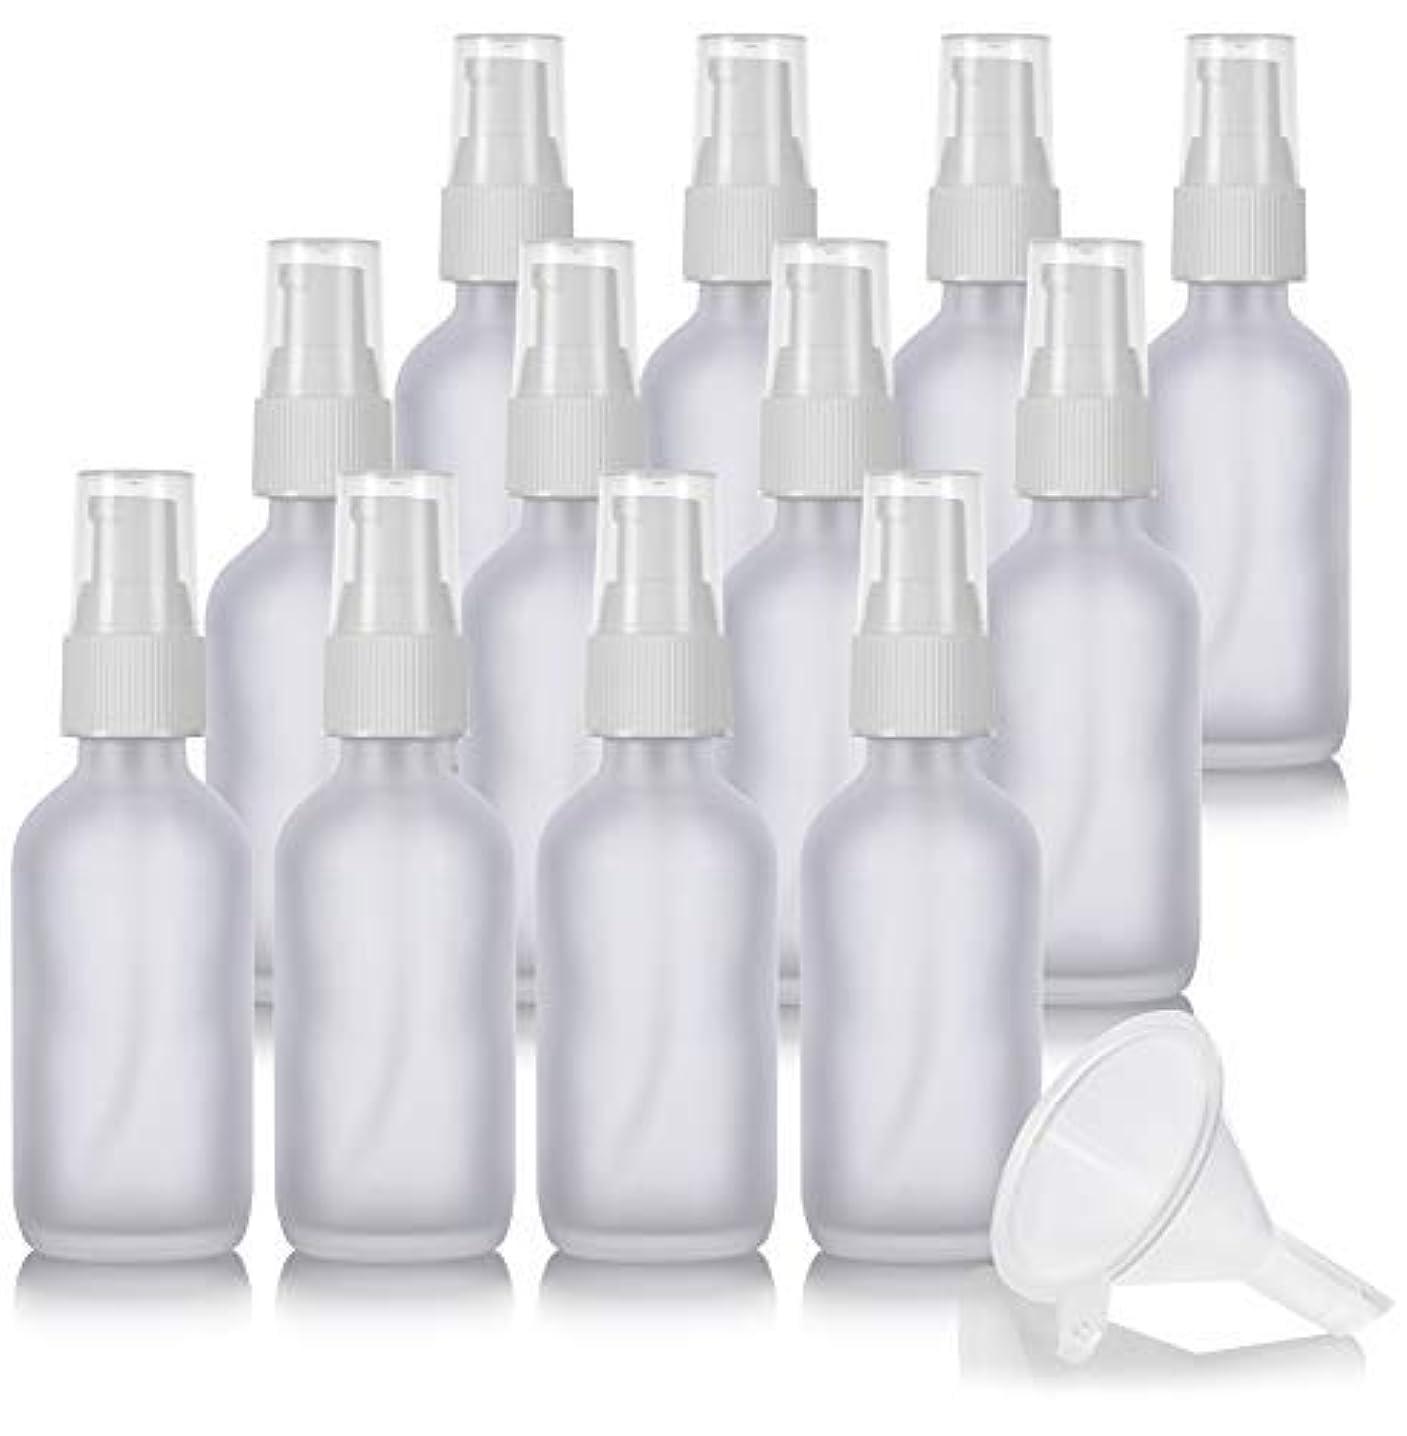 友情実際少し2 oz Frosted Clear Glass Boston Round White Treatment Pump Bottle (12 Pack) + Funnel and Labels for Cosmetics,...